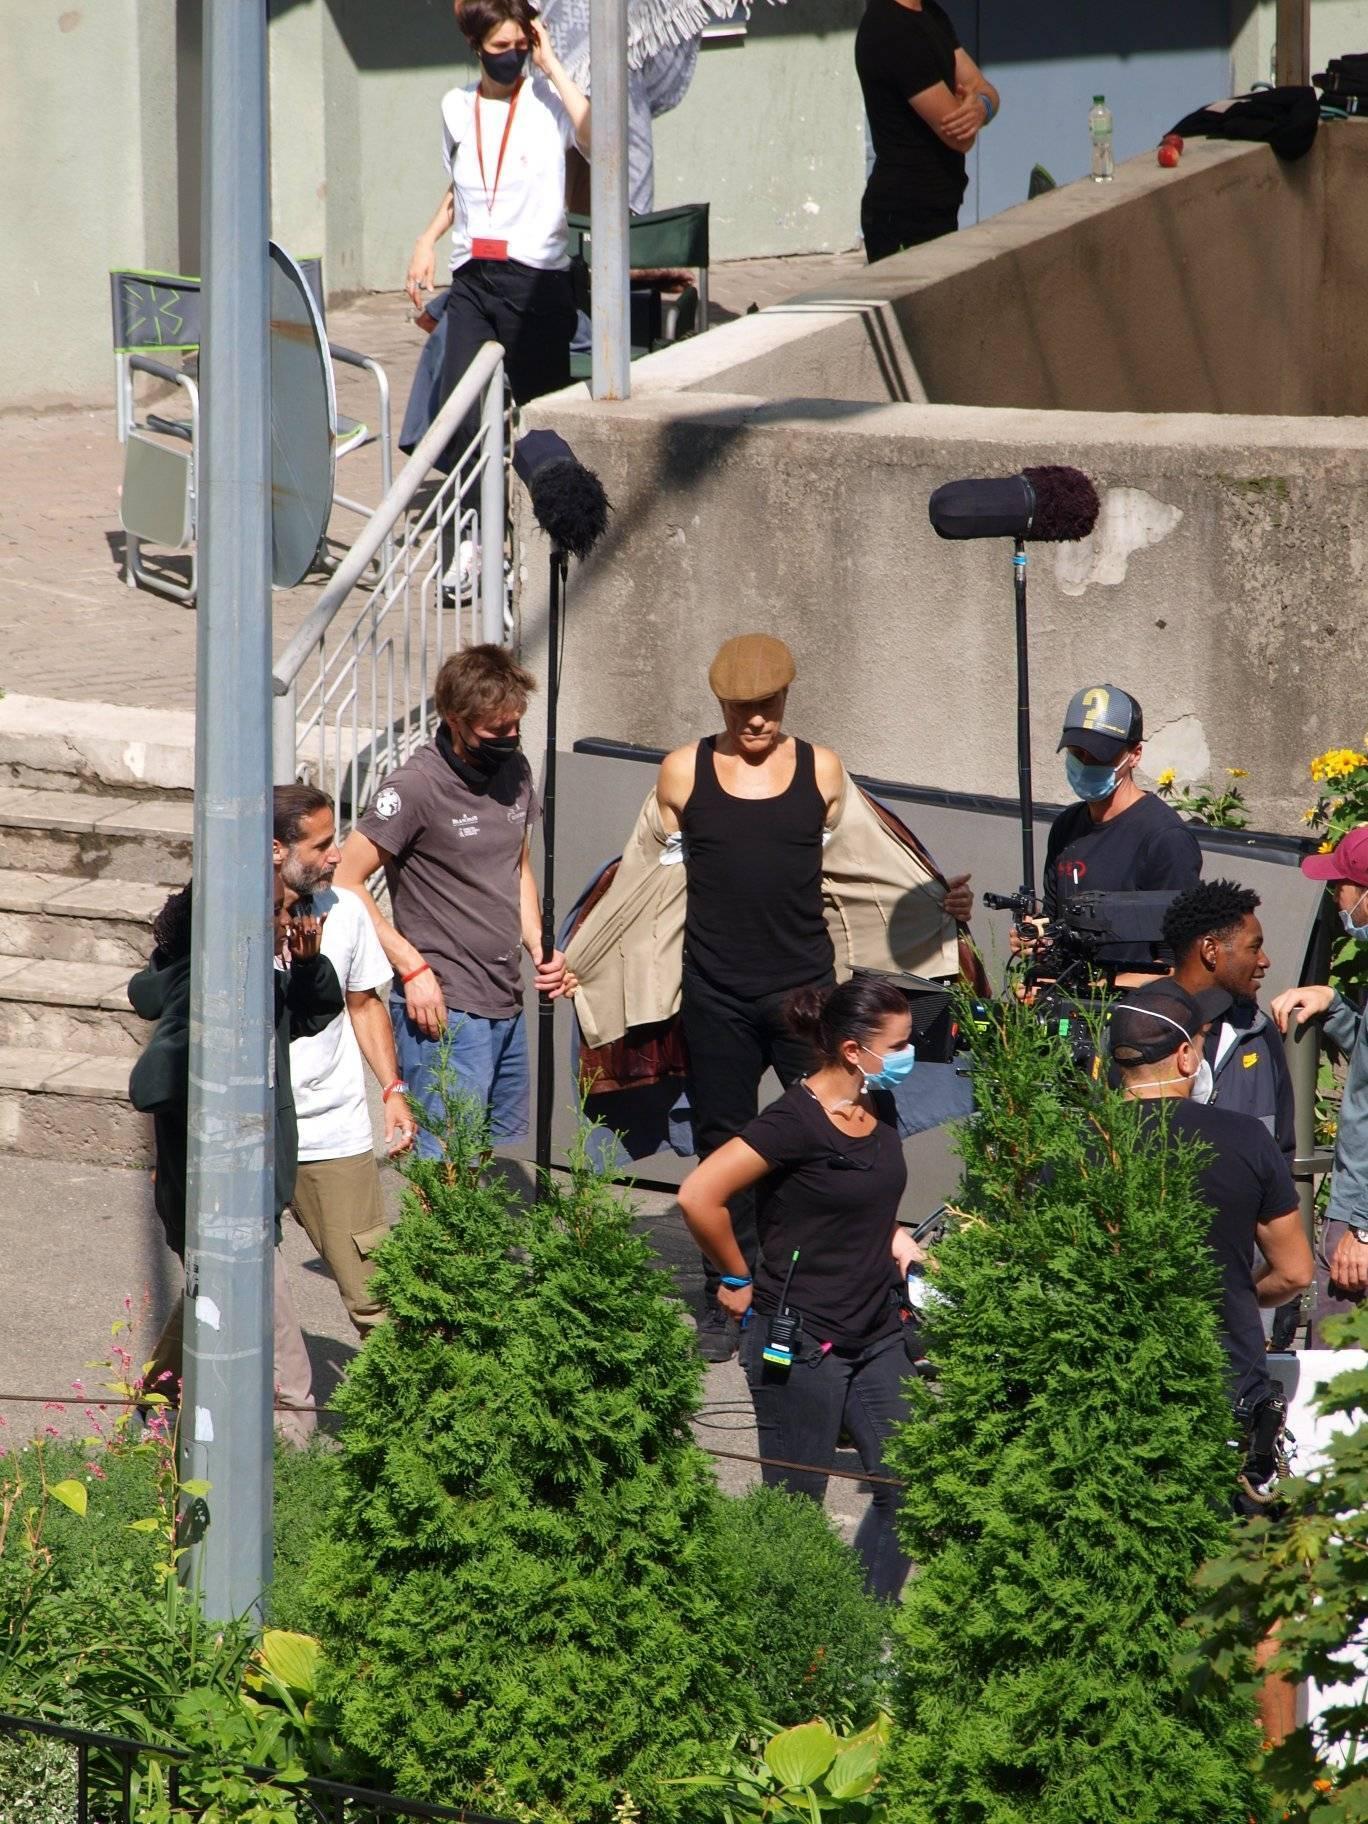 В сети появились фото со съемок боевика, где главную роль сыграет Ван Дамм